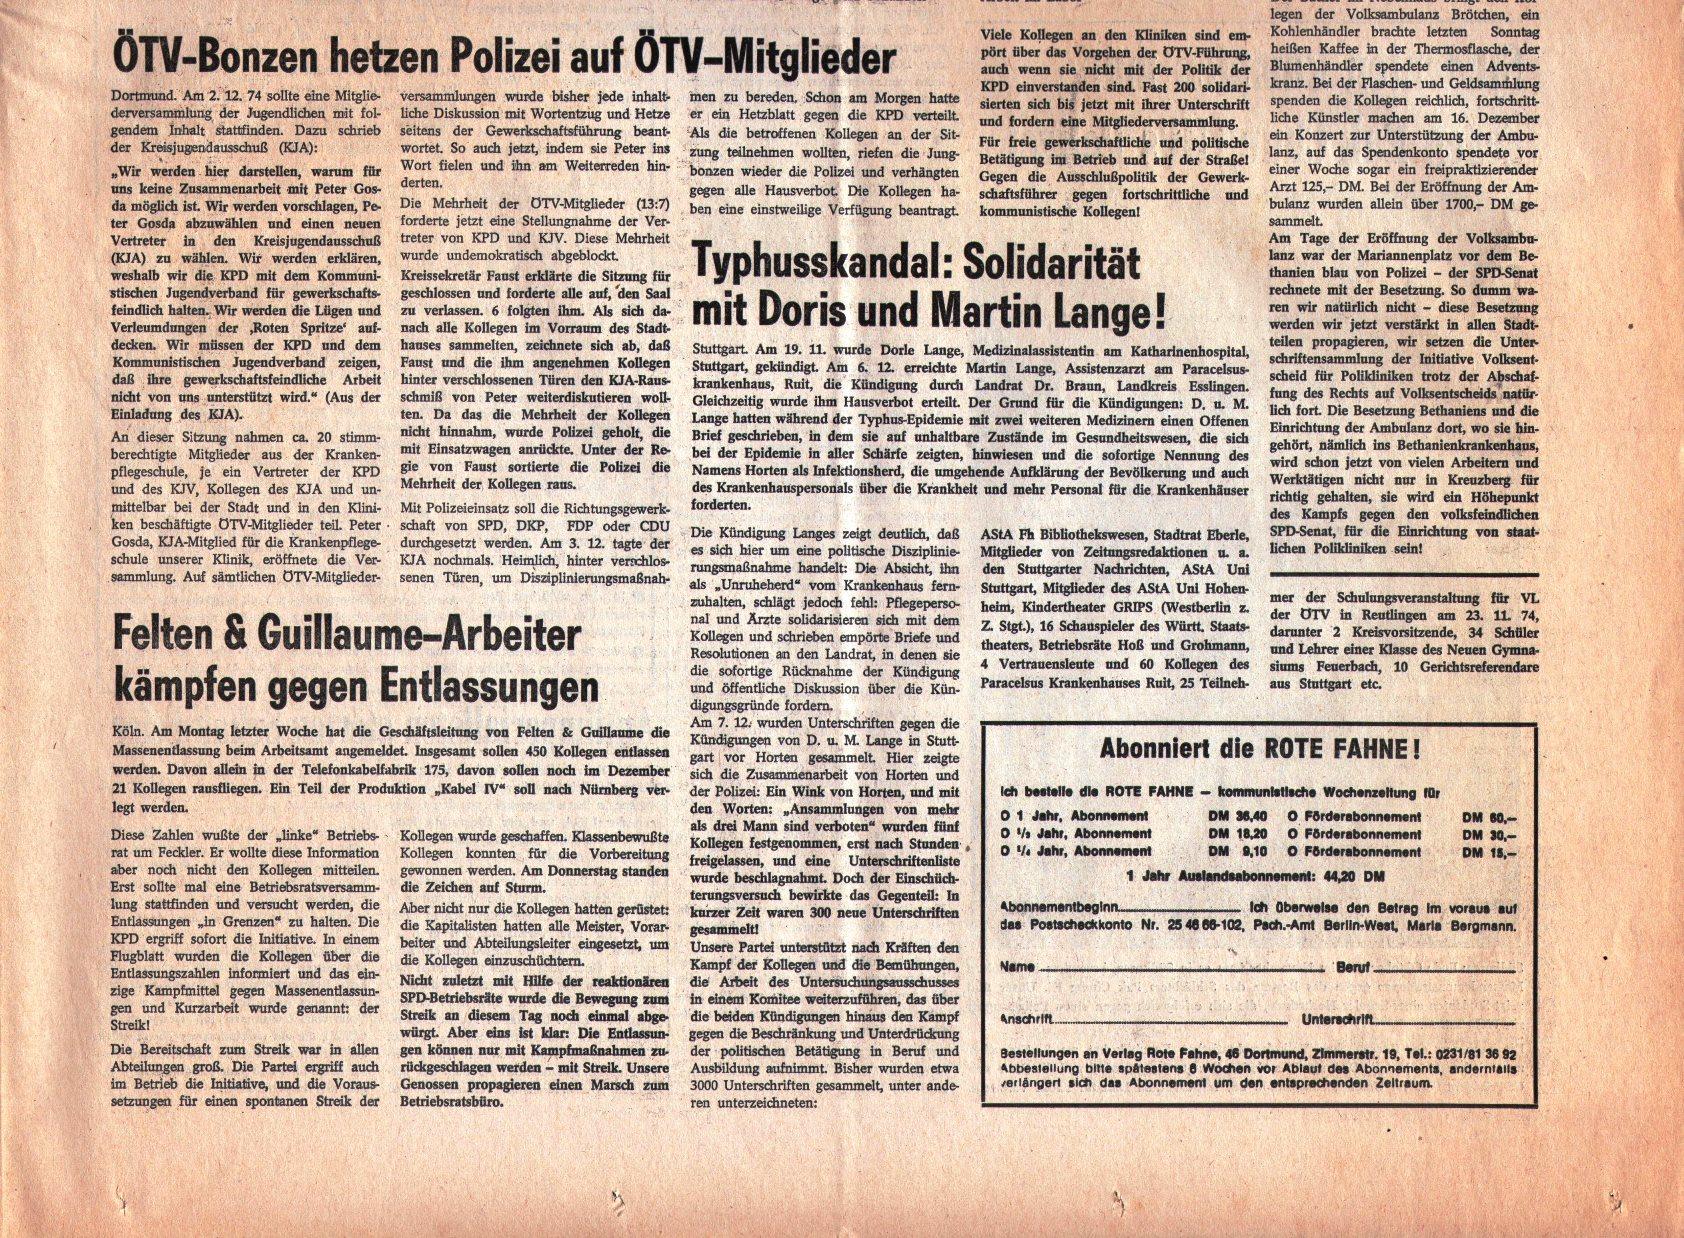 KPD_Rote_Fahne_1974_50_10